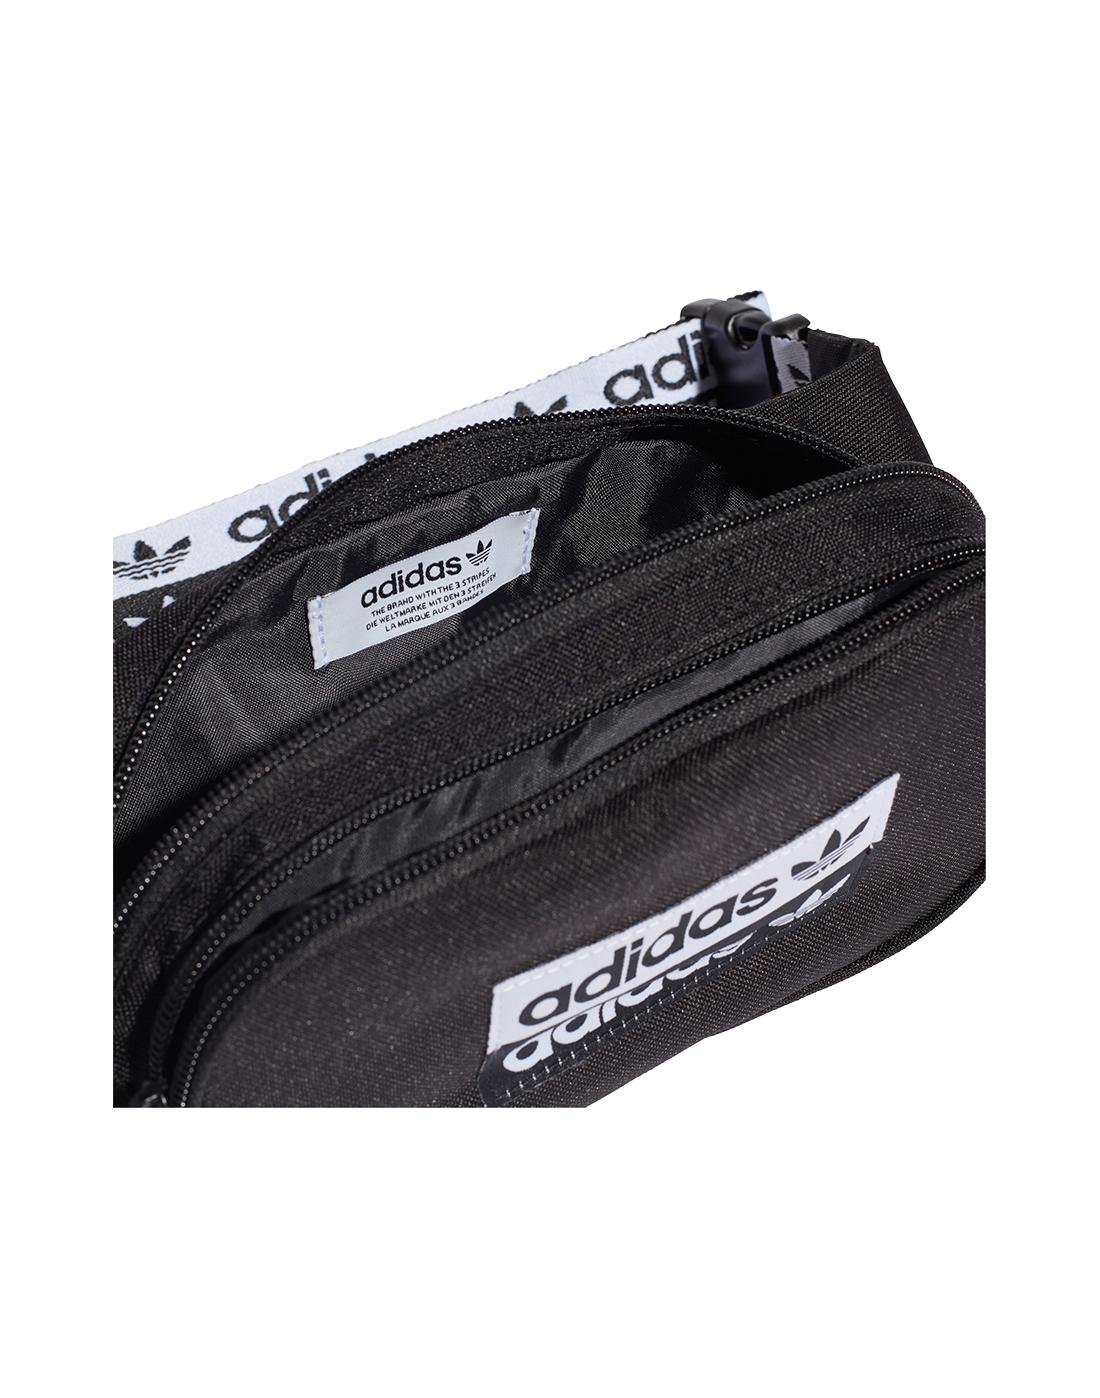 b8ac74cc84e adidas Originals Vocal Waist Bag | Life Style Sports